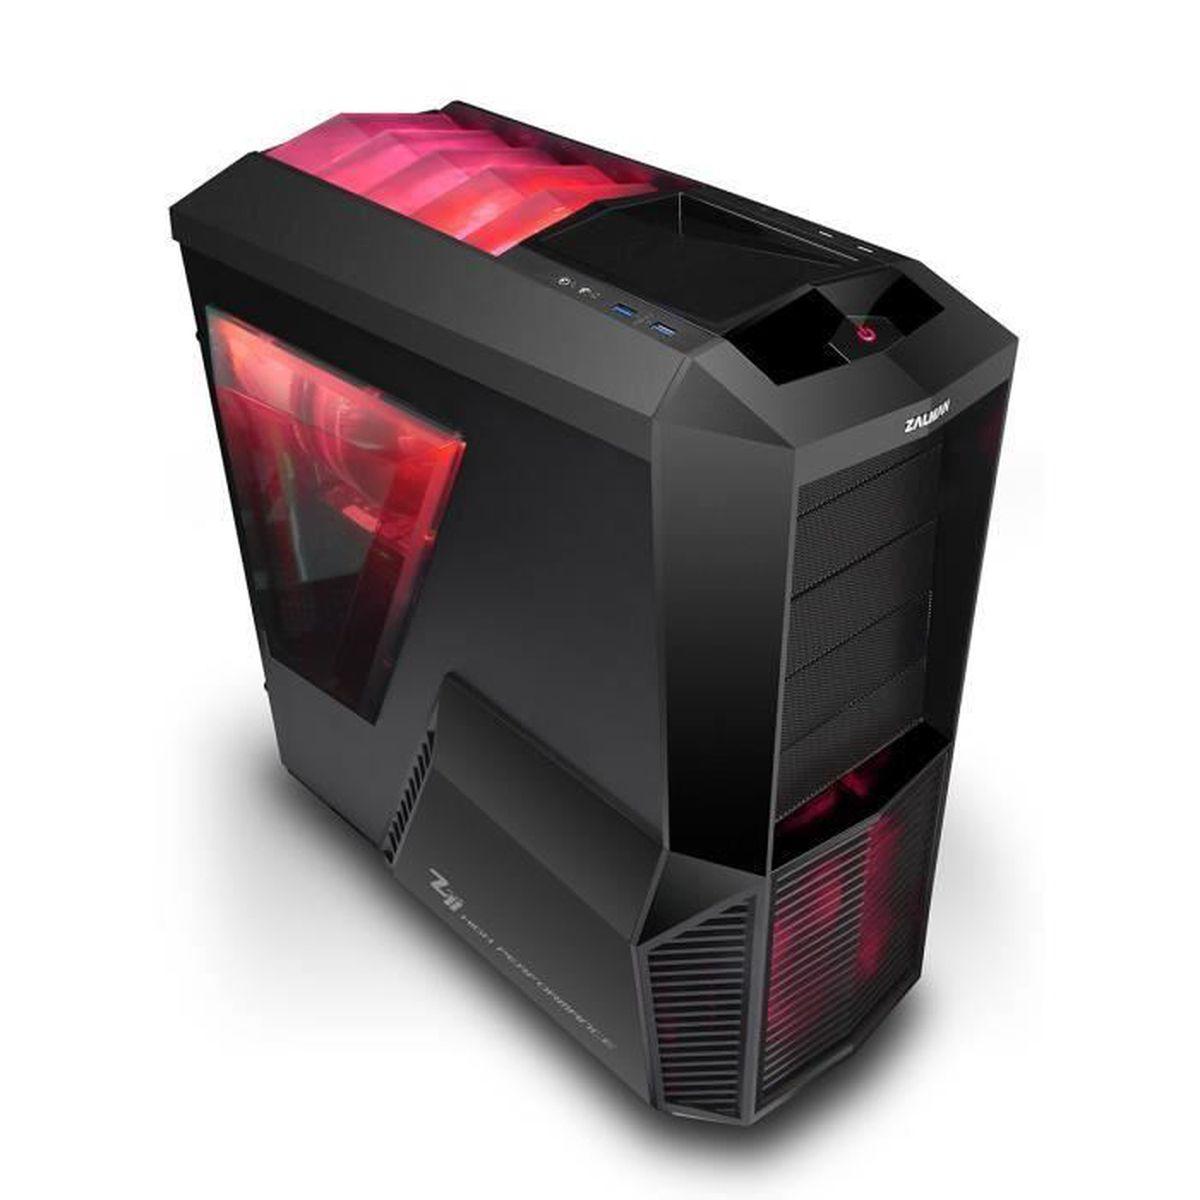 PC Gamer I5-9600K - GeForce RTX 2070 8GO - 16GO RAM - SSD 240GO - WIFI -  Zalman Z11 Plus HF1 - Windows 10